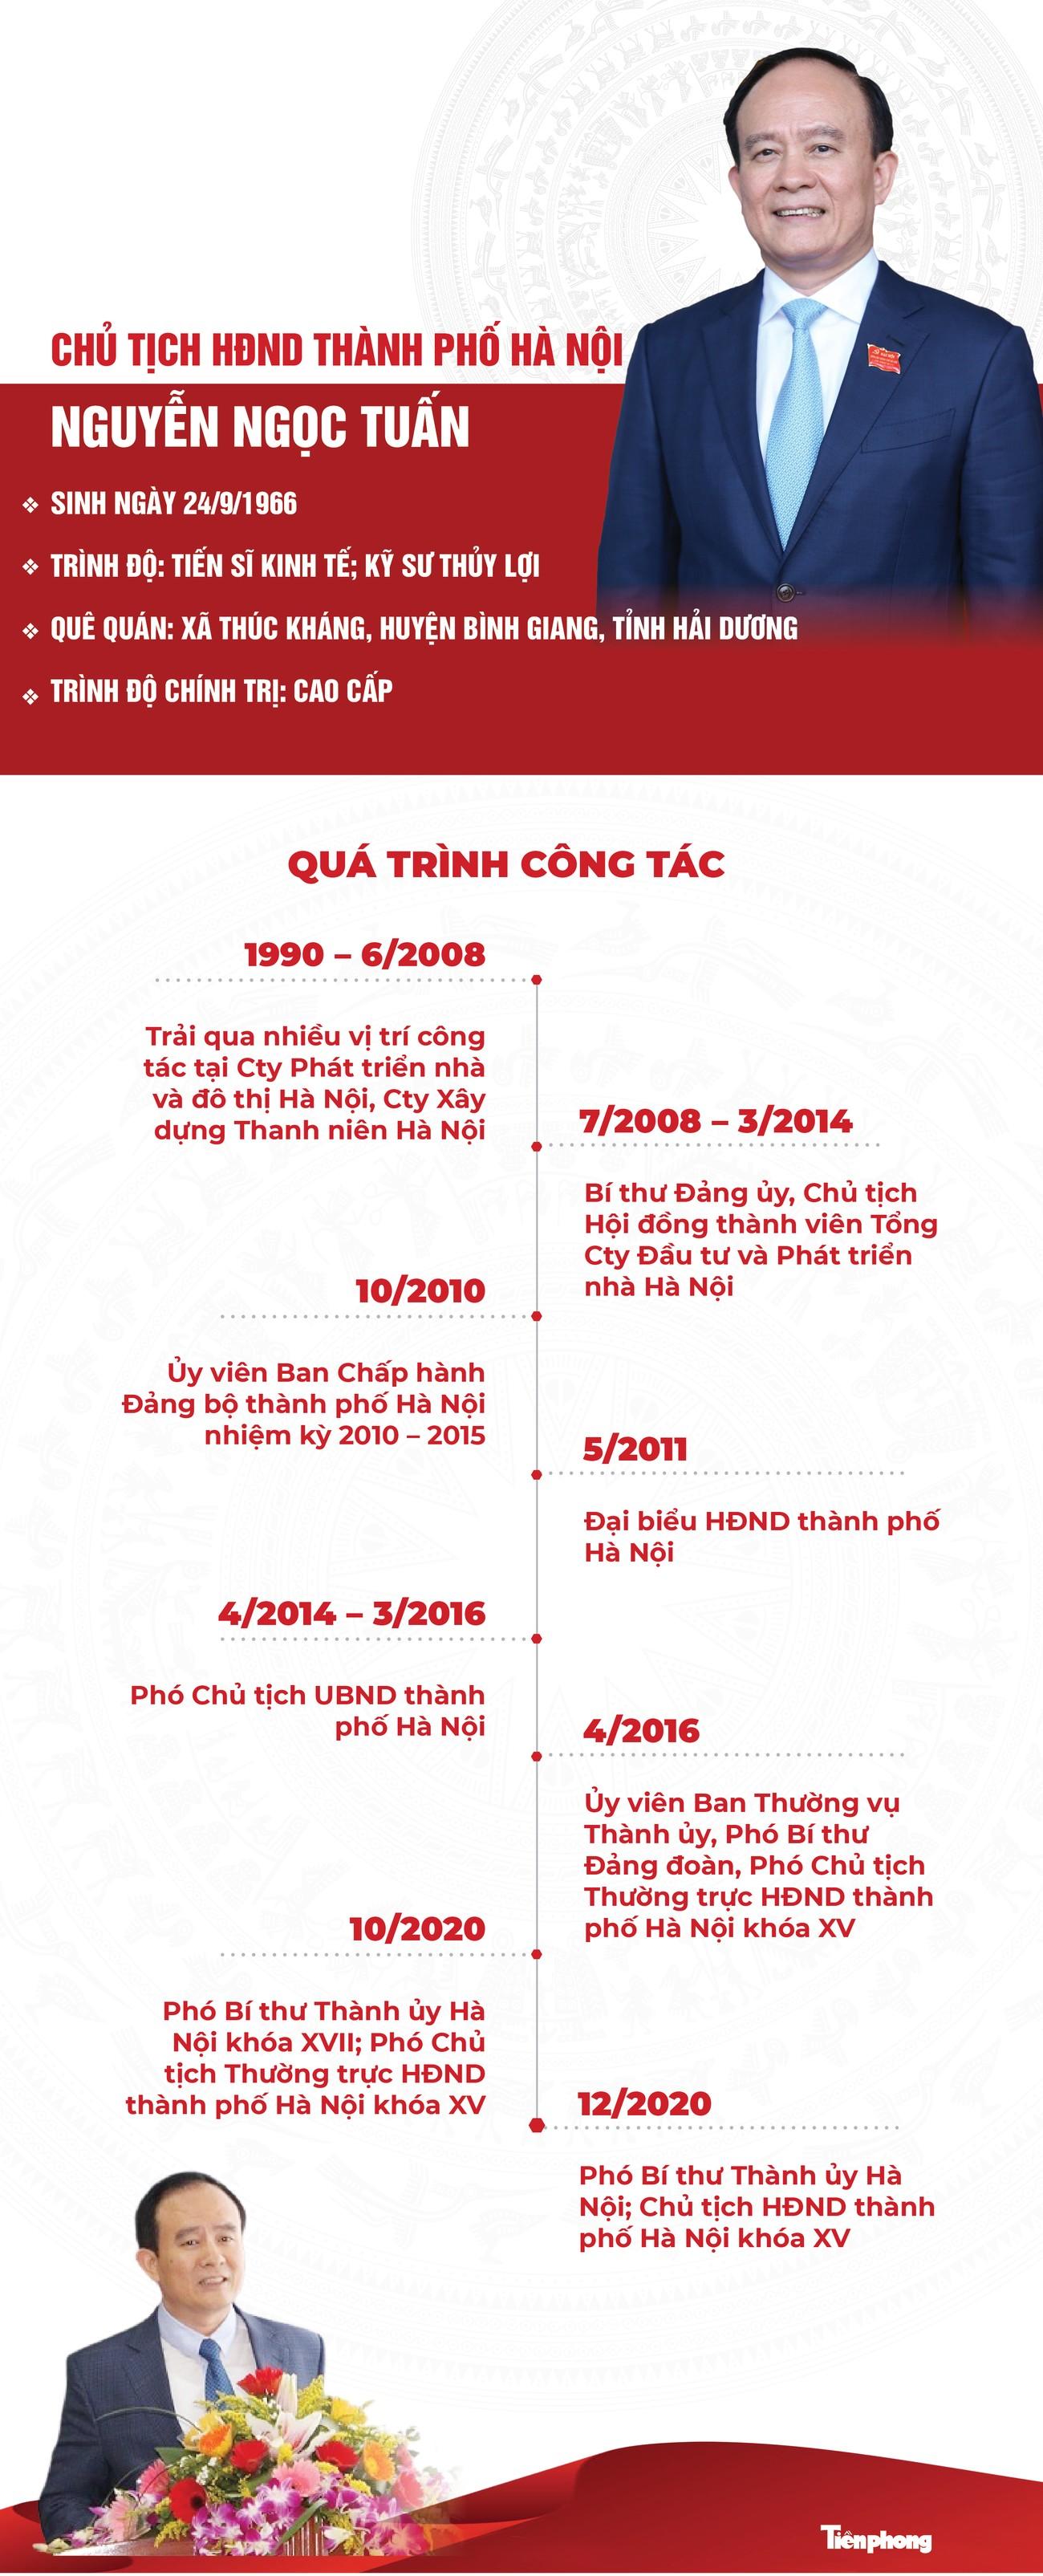 Tân Chủ tịch HĐND thành phố Hà Nội Nguyễn Ngọc Tuấn ảnh 1